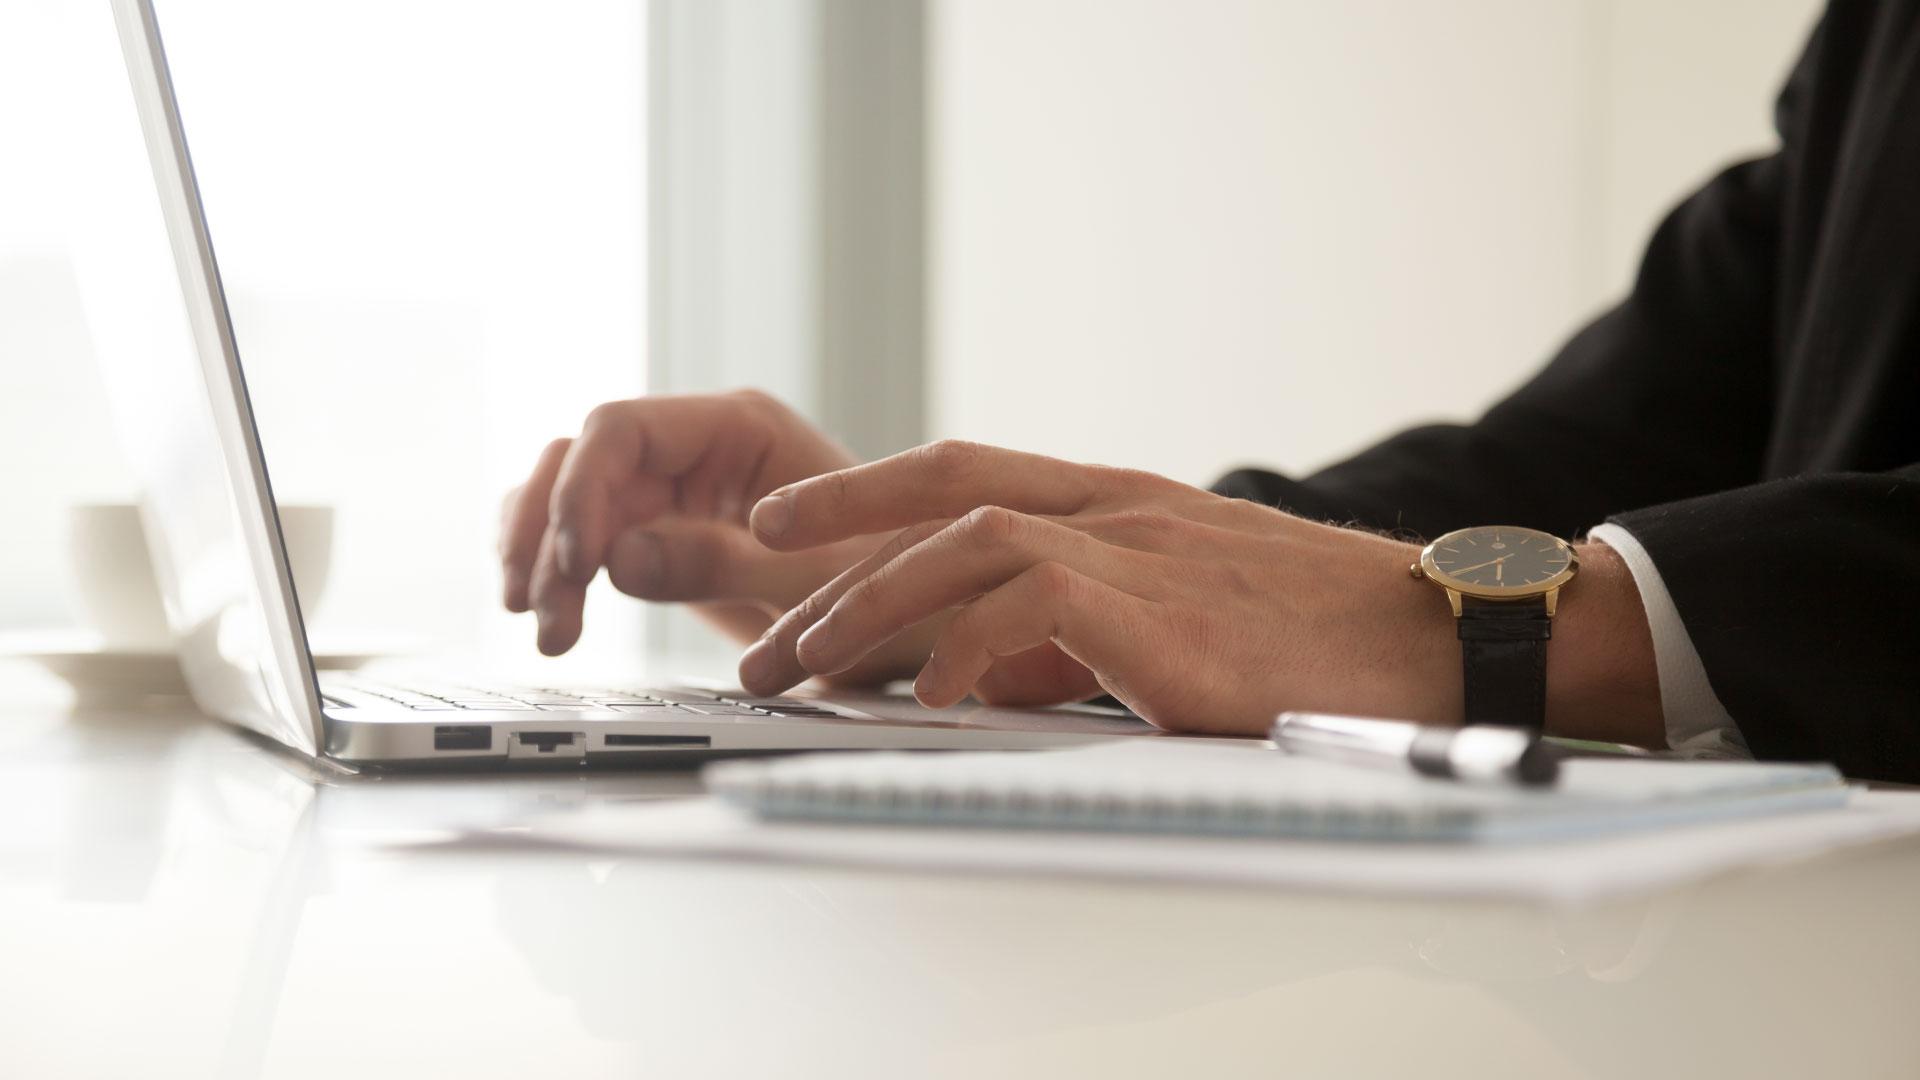 Ajudante geral consegue uso de sistema tecnológico para buscar patrimônio de empresa